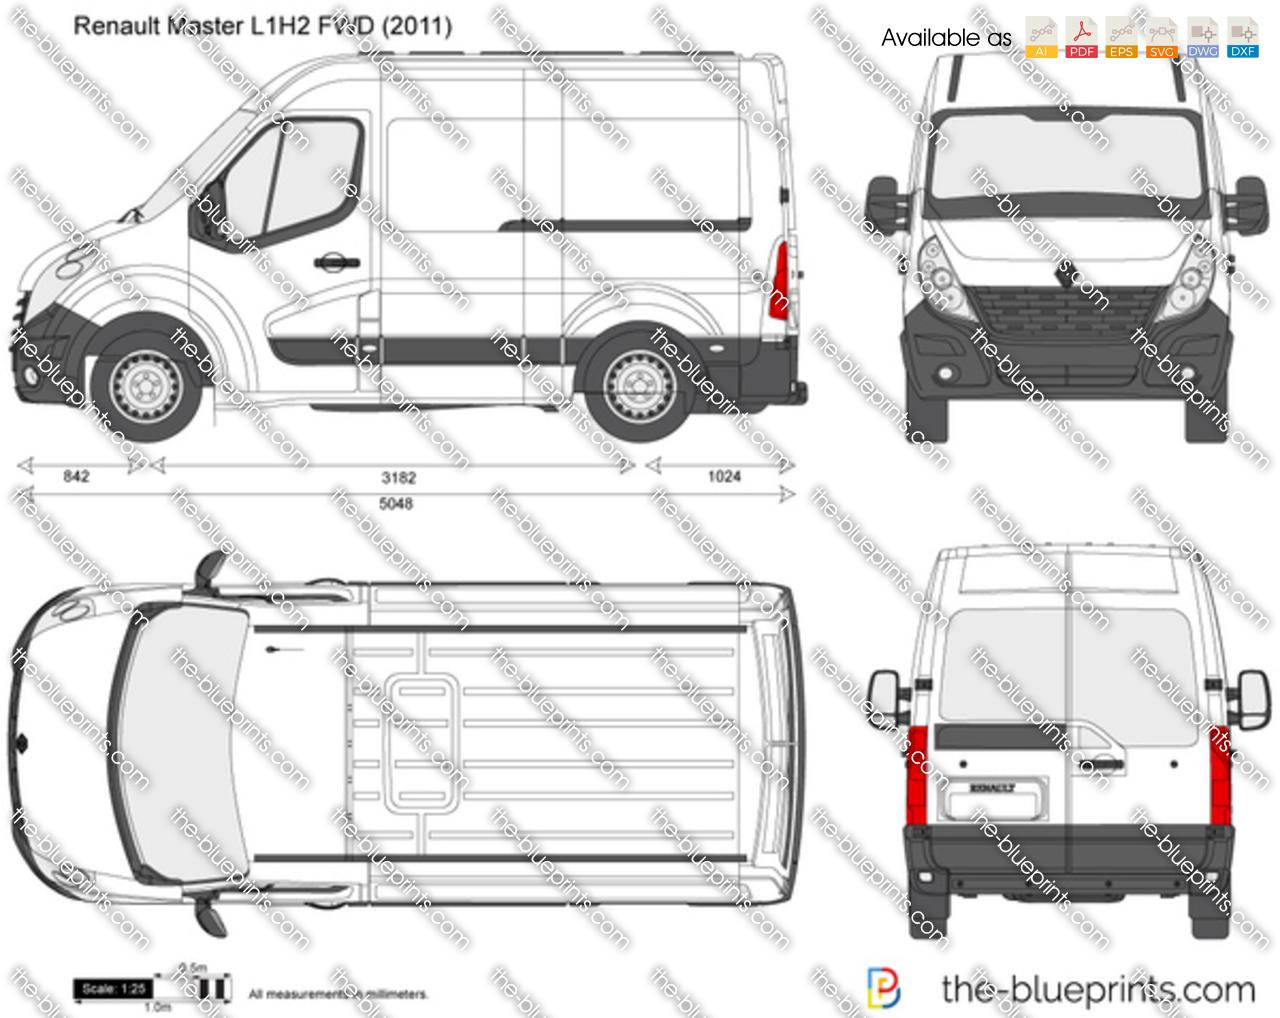 dimension garage renault master l1h2. Black Bedroom Furniture Sets. Home Design Ideas